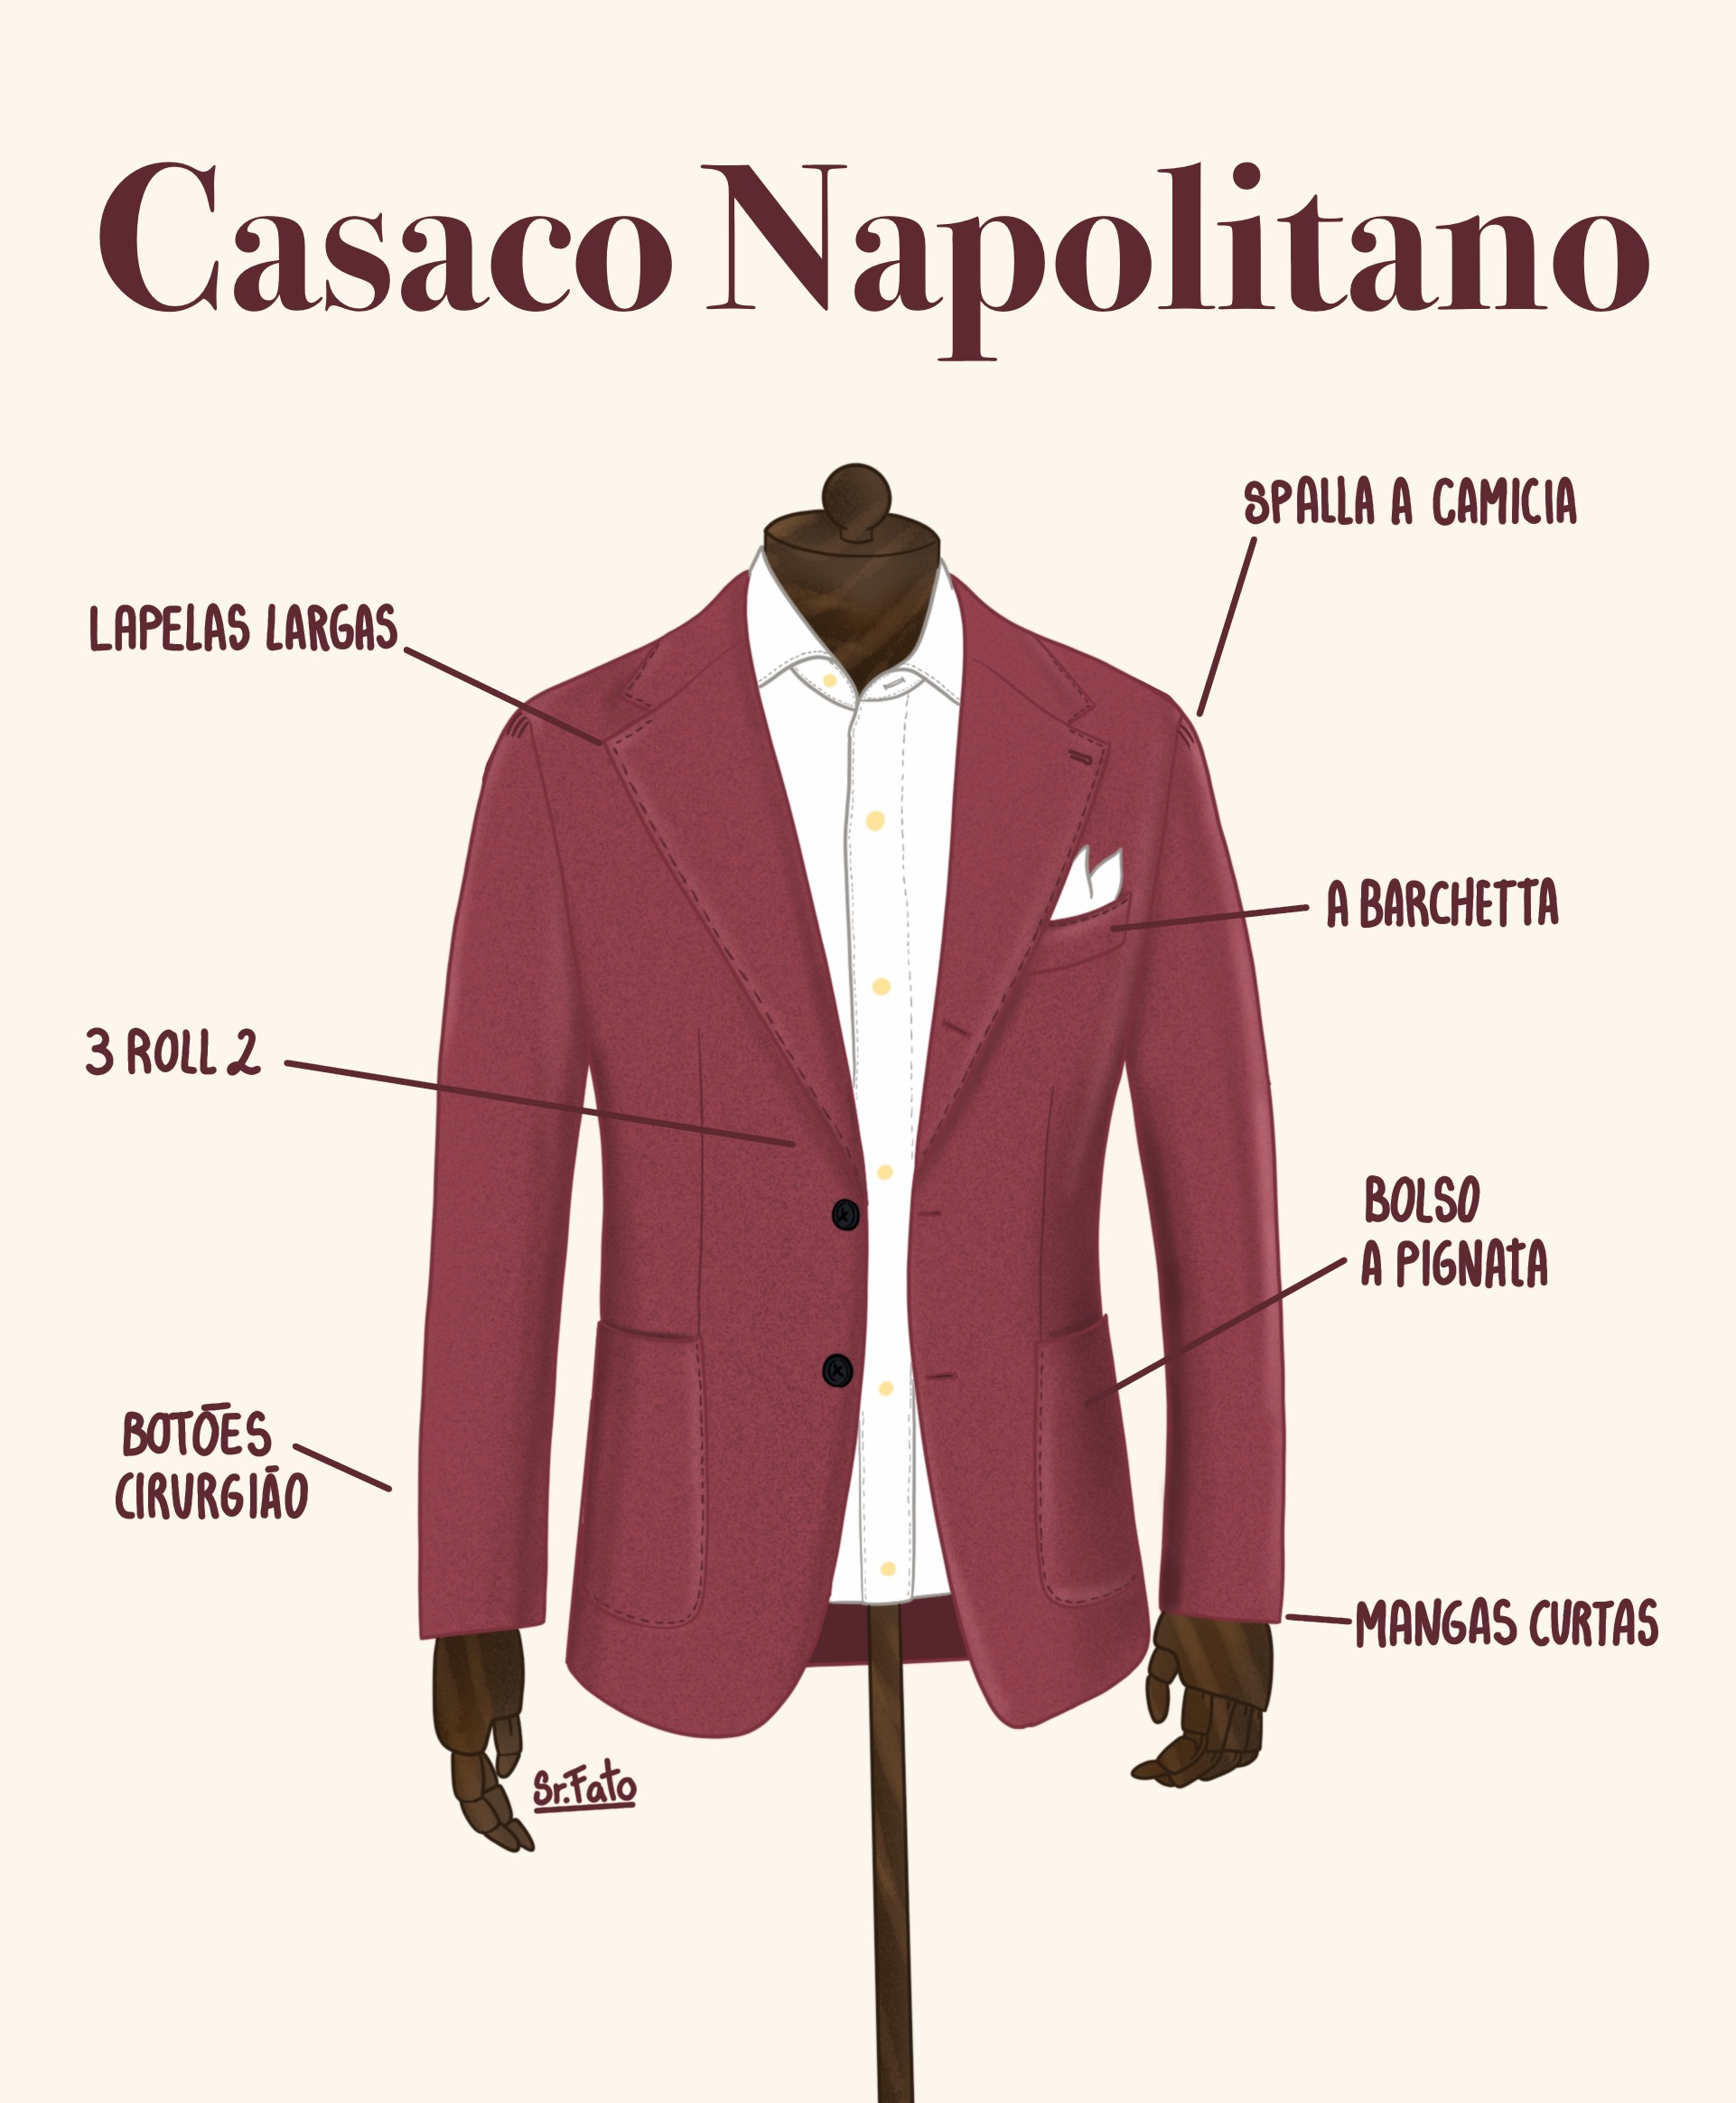 Fato Napolitano